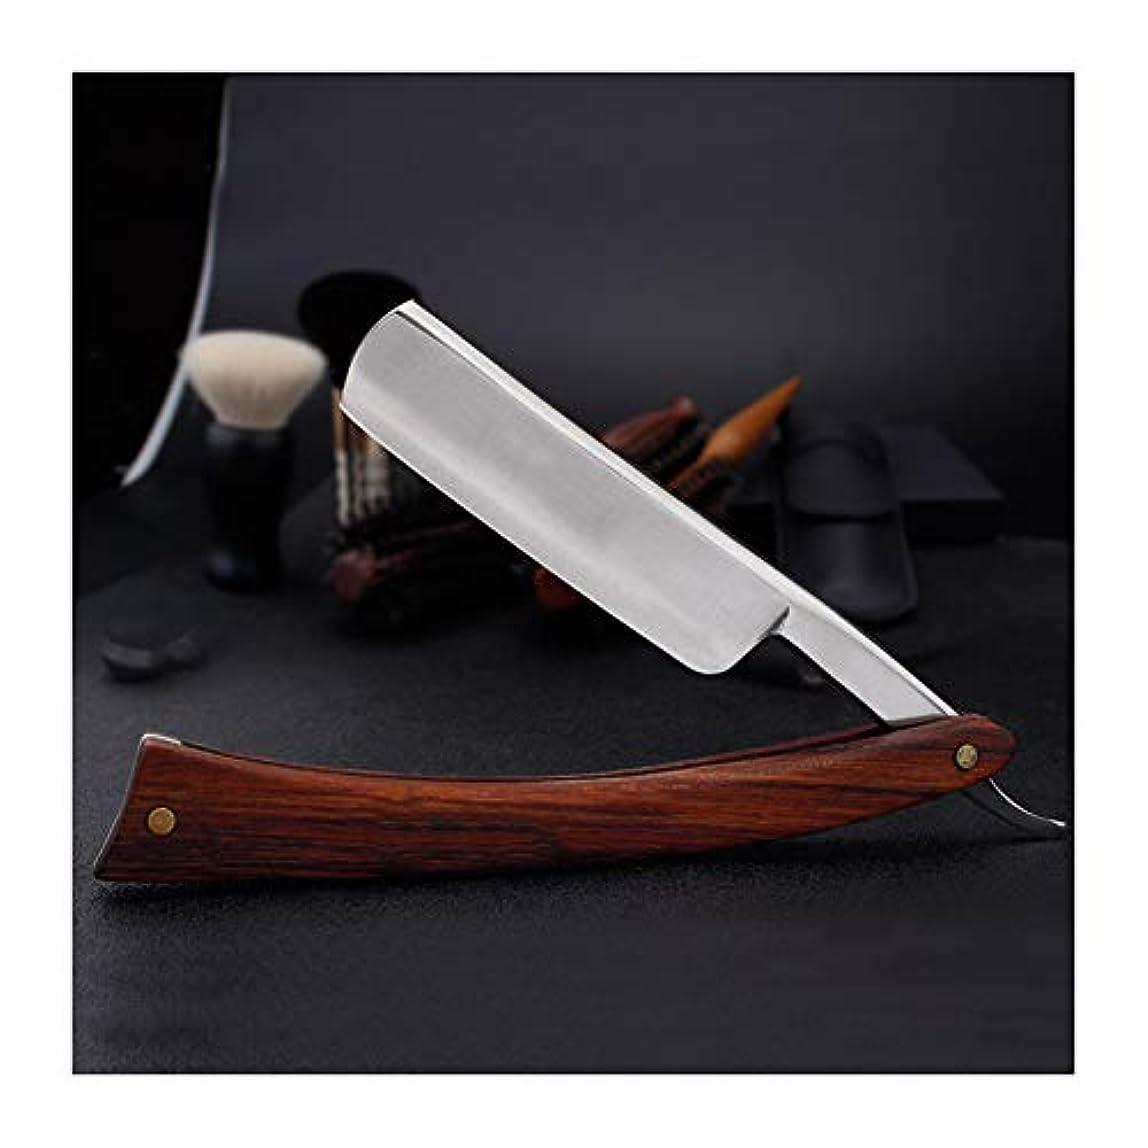 斧最適強風RZ2588 ストレートカミソリ、理髪師カミソリ、プロフェッショナルストレートカミソリシェービングキット、男性用シェービング用ハンドメイド